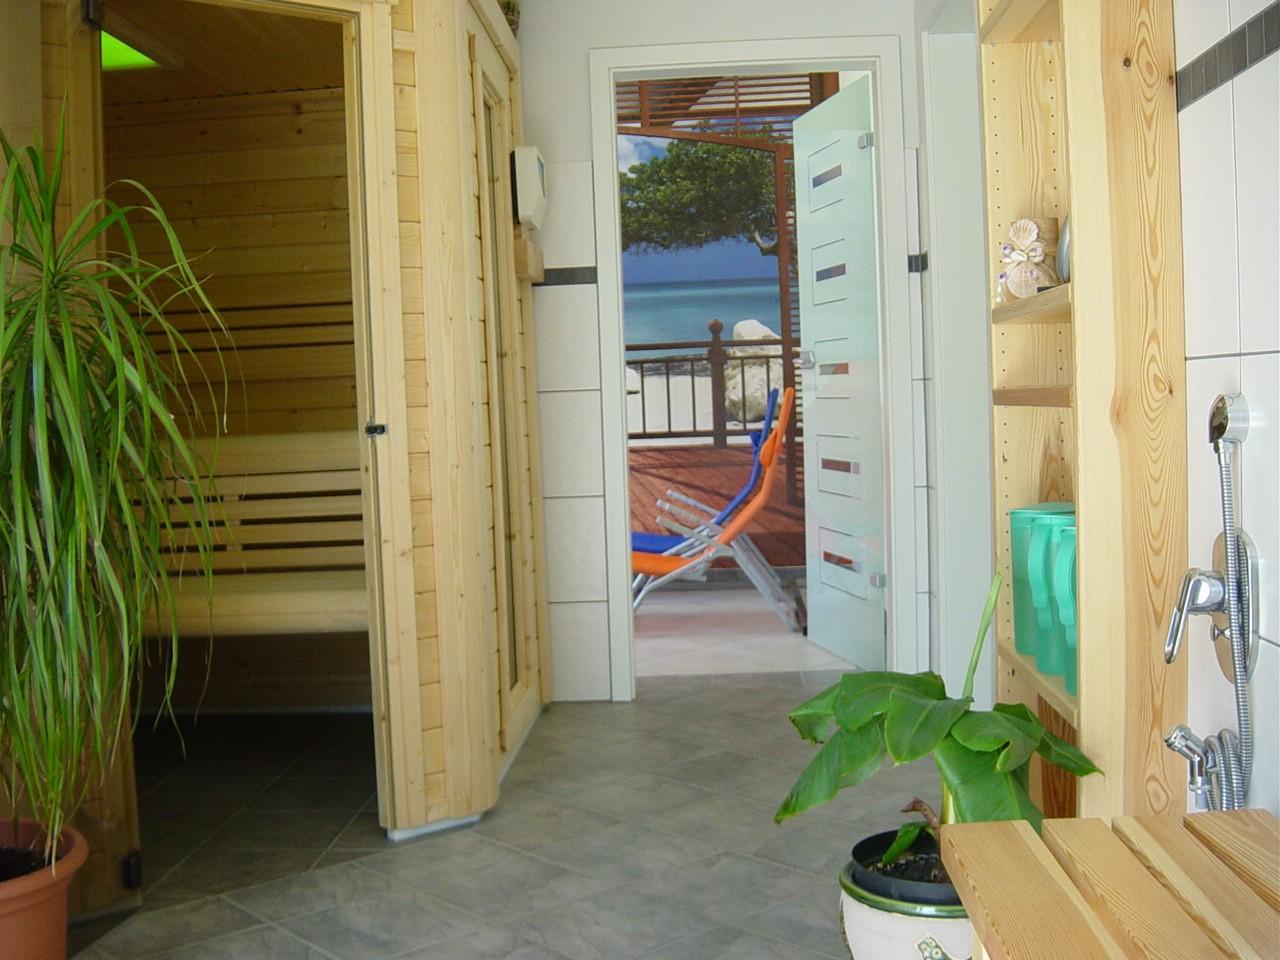 Sauna Hoch.jpg